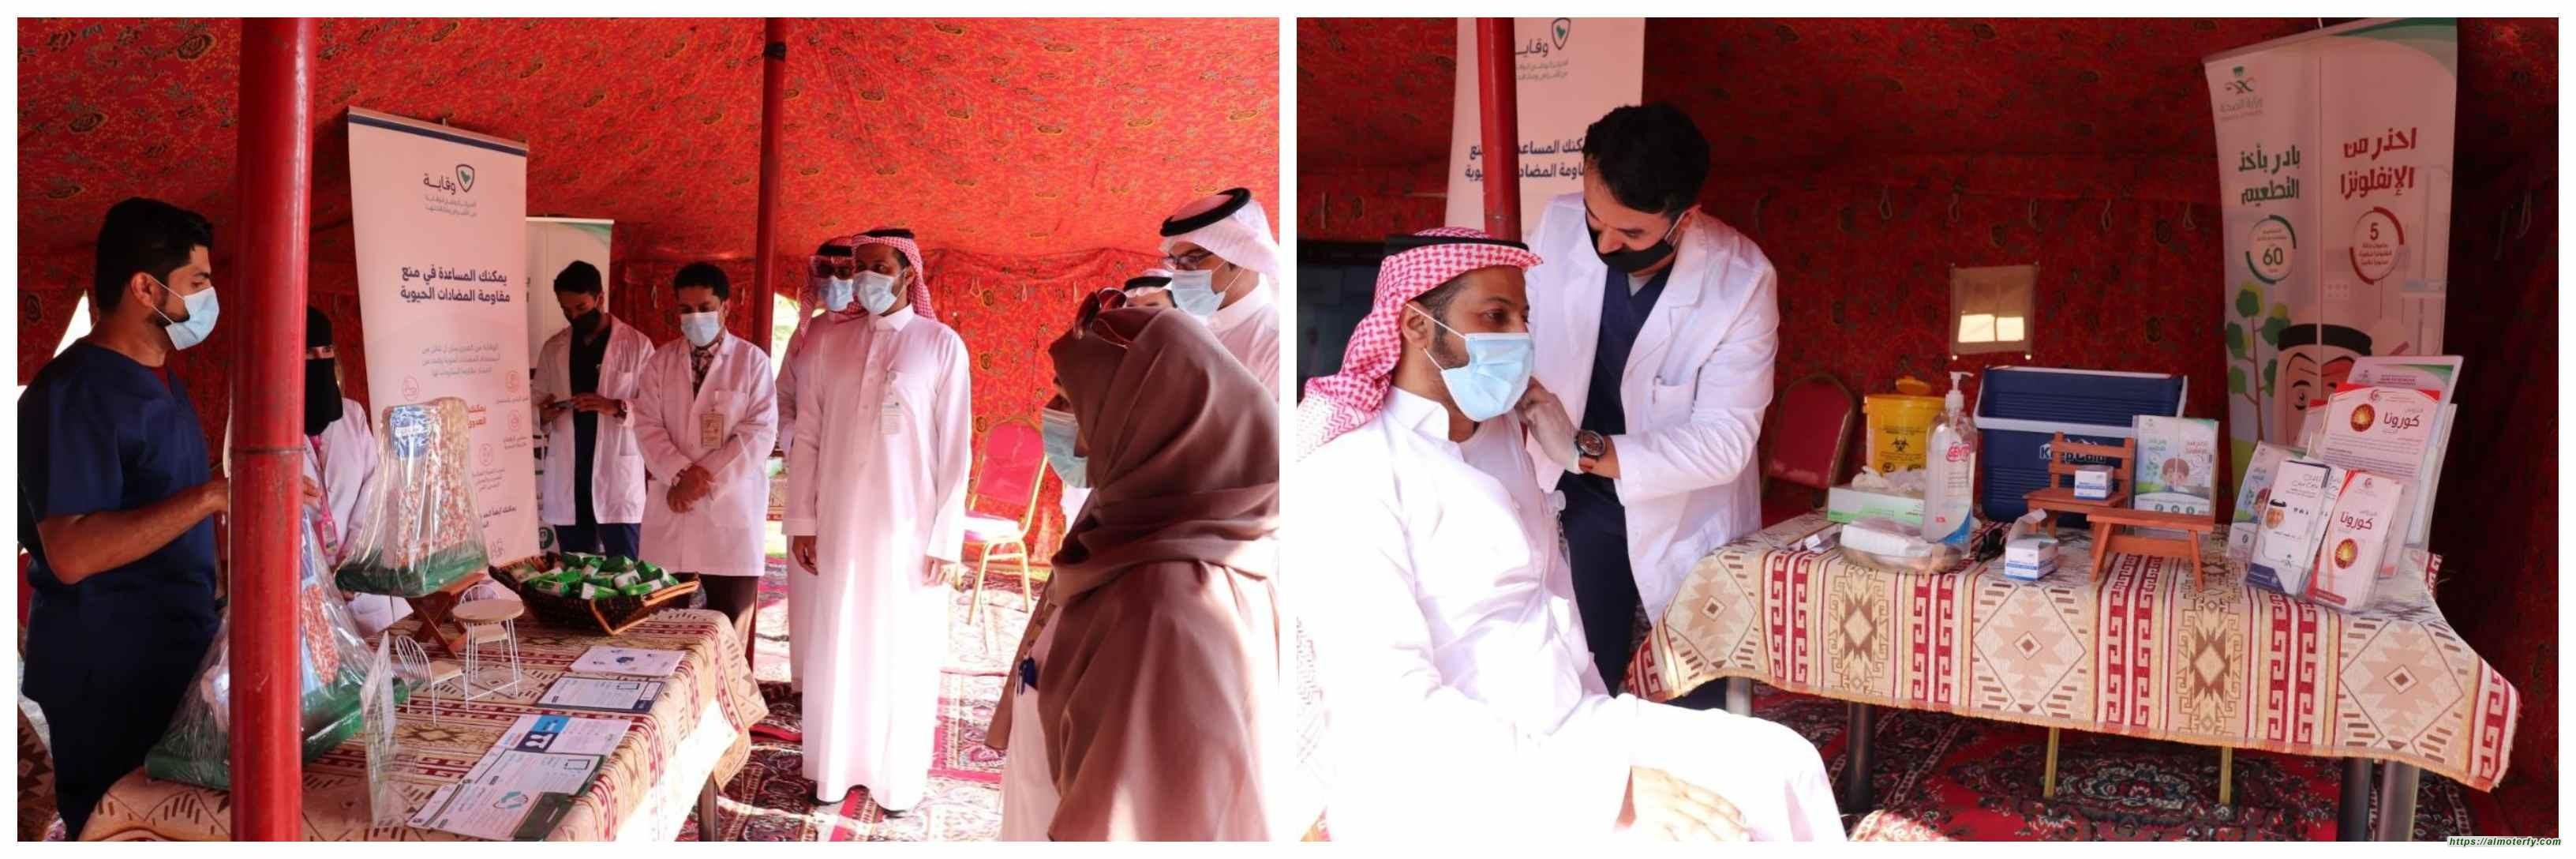 حملة تطعيم وتفعيل الأيام العالمية في مستشفى الصحة النفسية